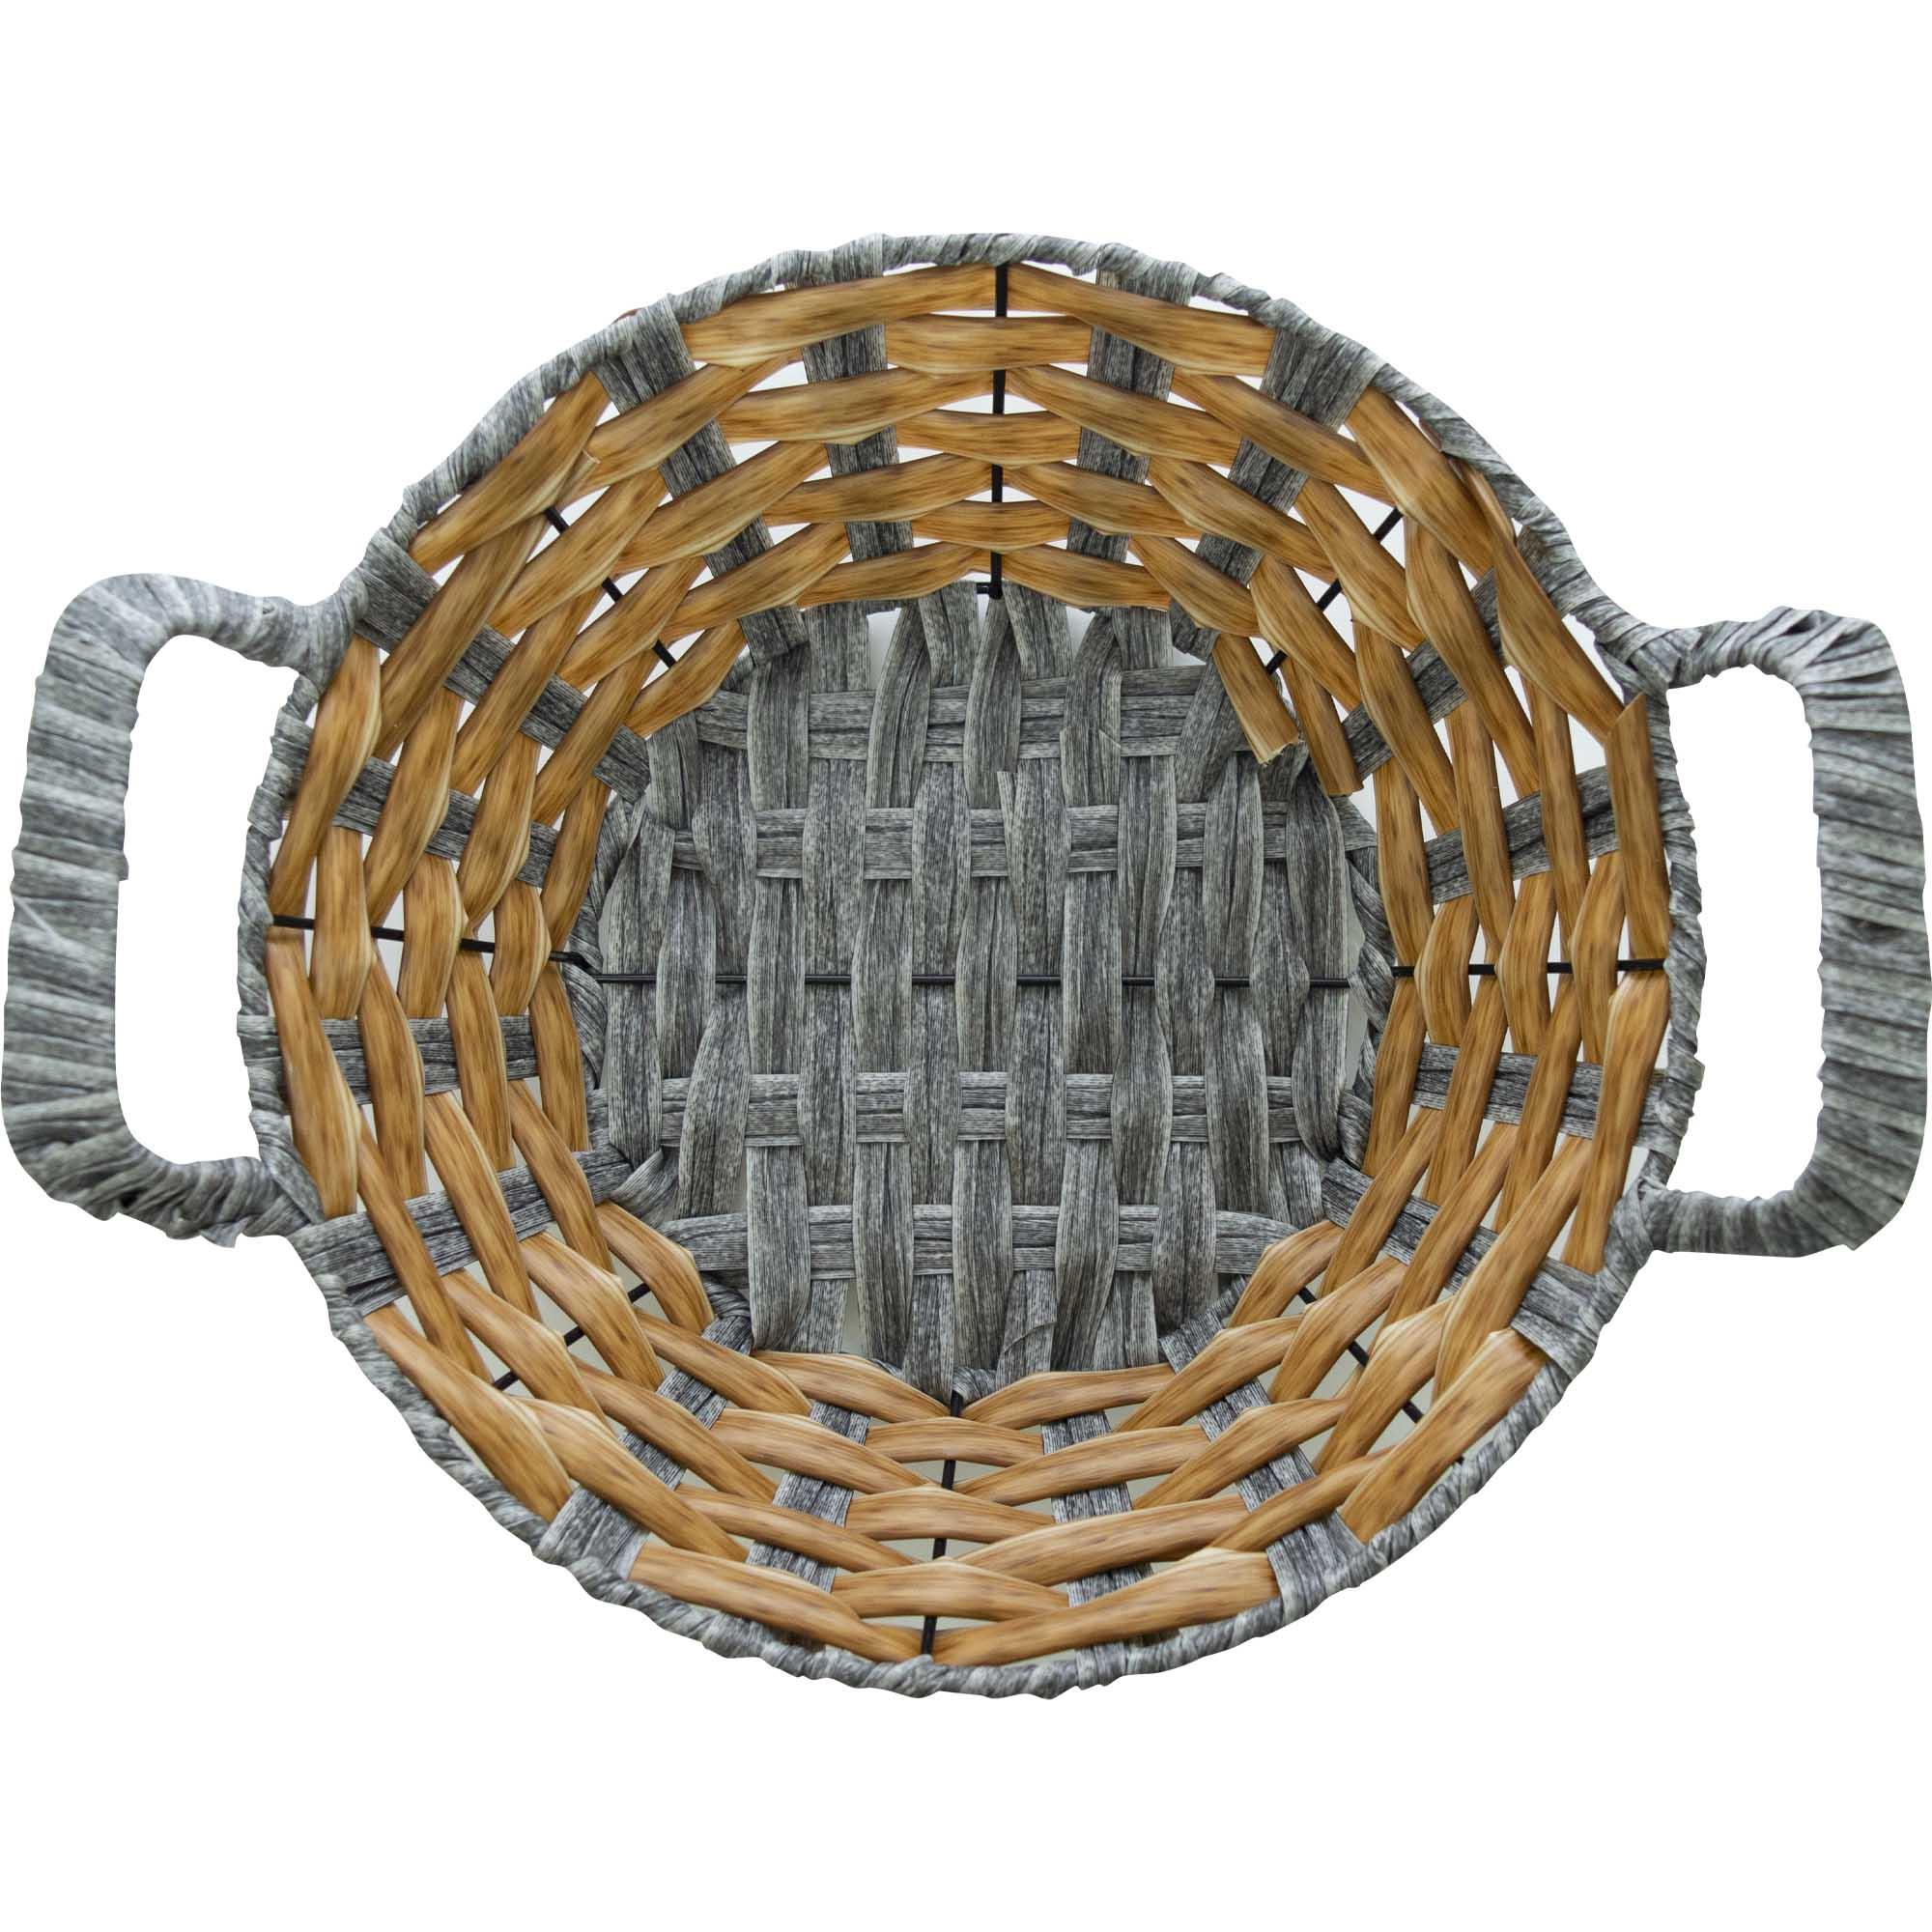 Cesta De Pão Redonda 25x25cm - Yin's Home Cinza E Bege